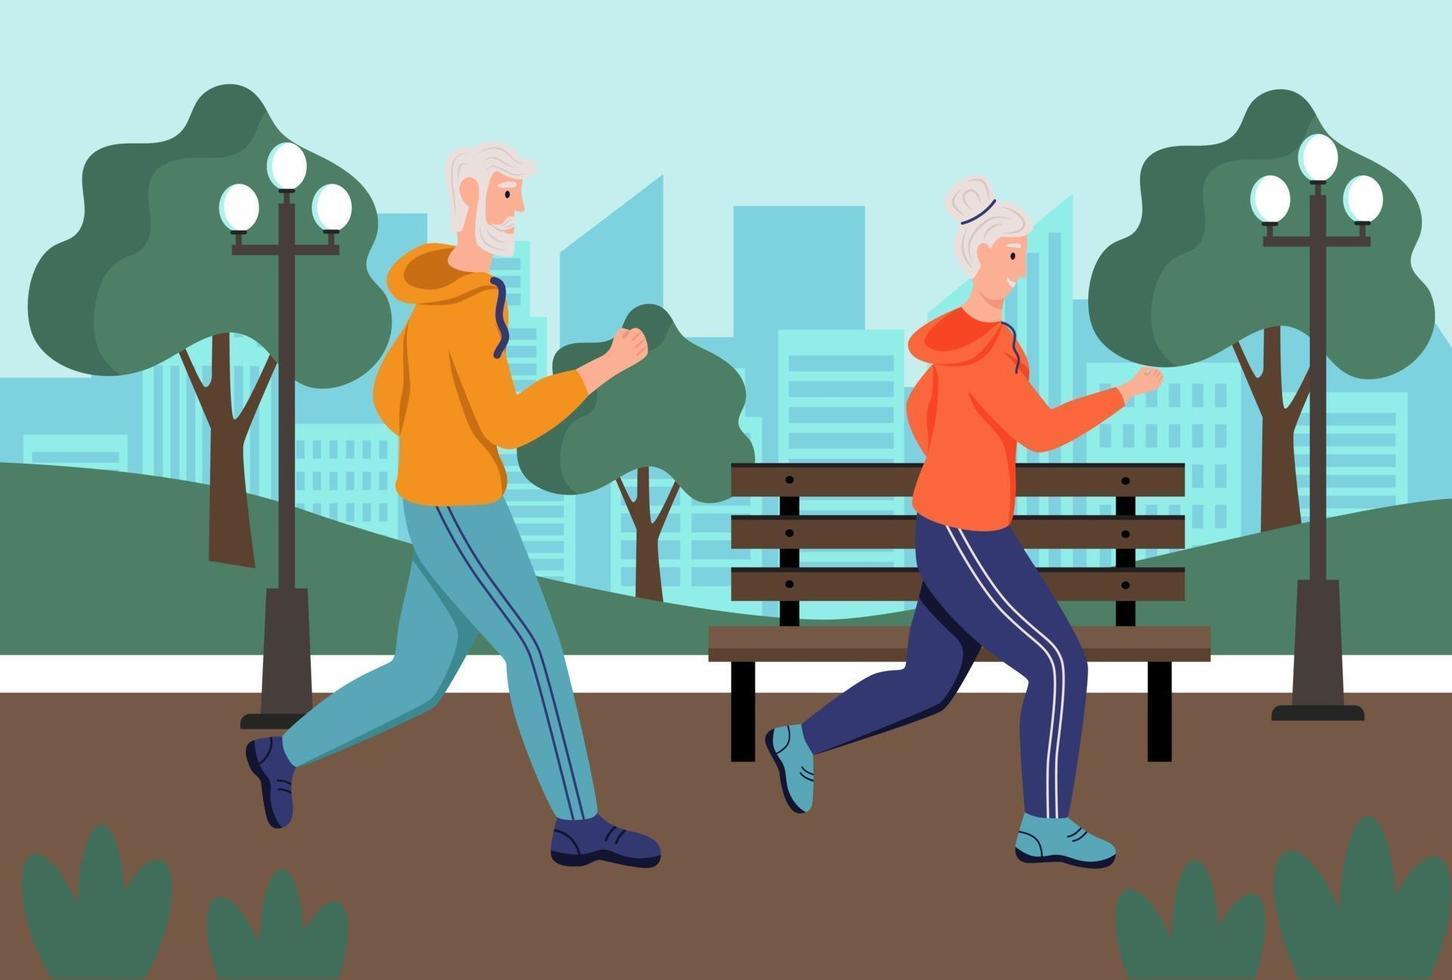 ett äldre par springer i parken. begreppet aktiv ålderdom, sport och löpning. äldre dag. platt tecknad vektorillustration. vektor